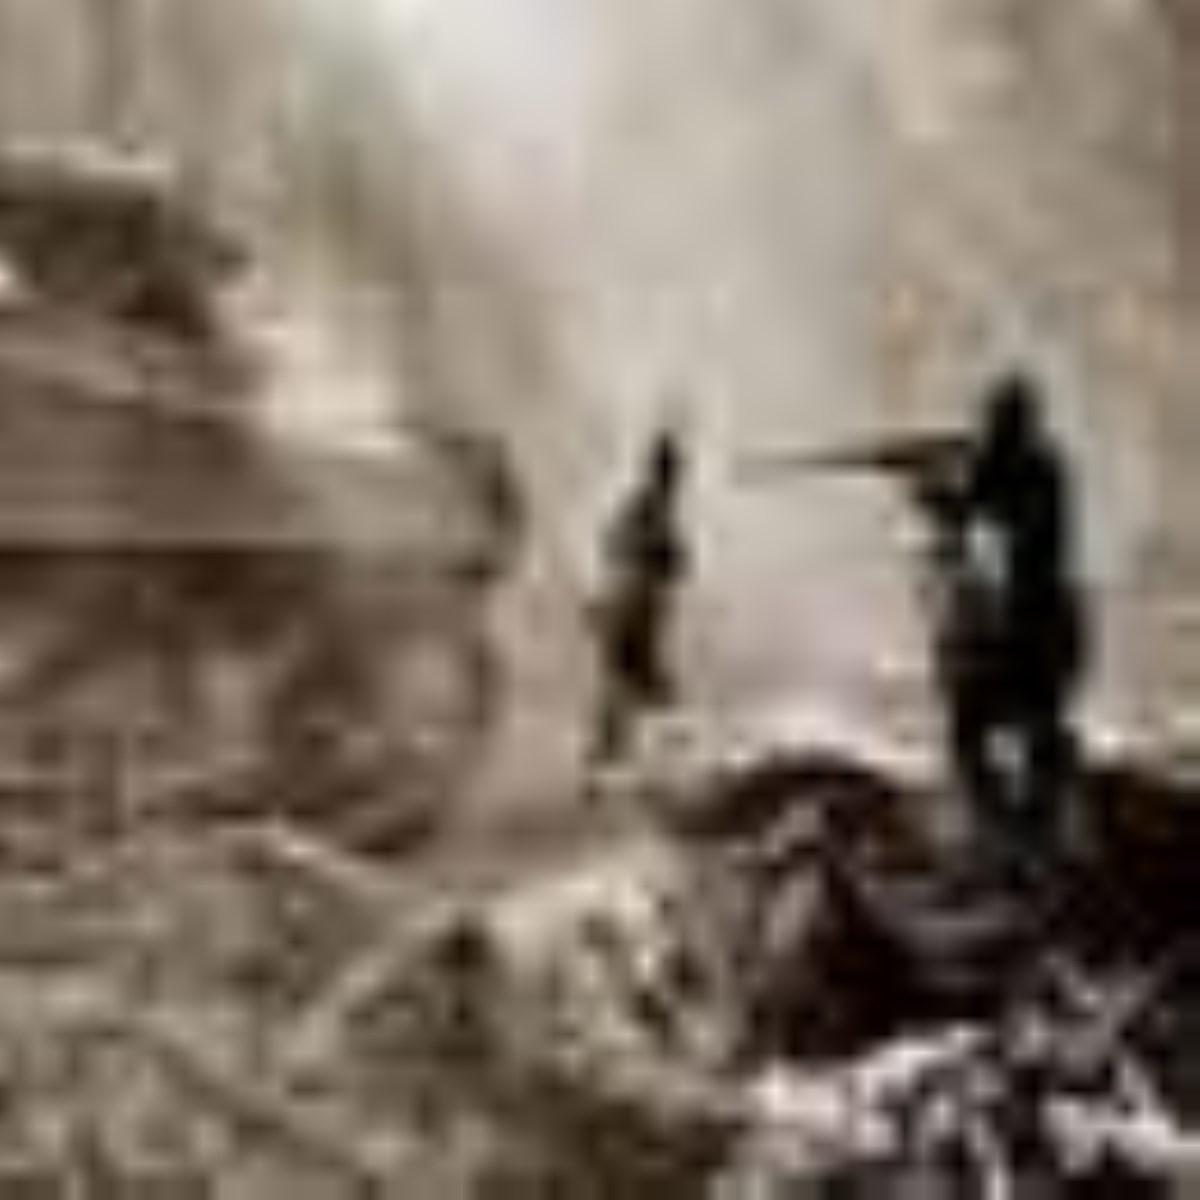 حوادث جنگ بین الملل اول – قسمت دوم